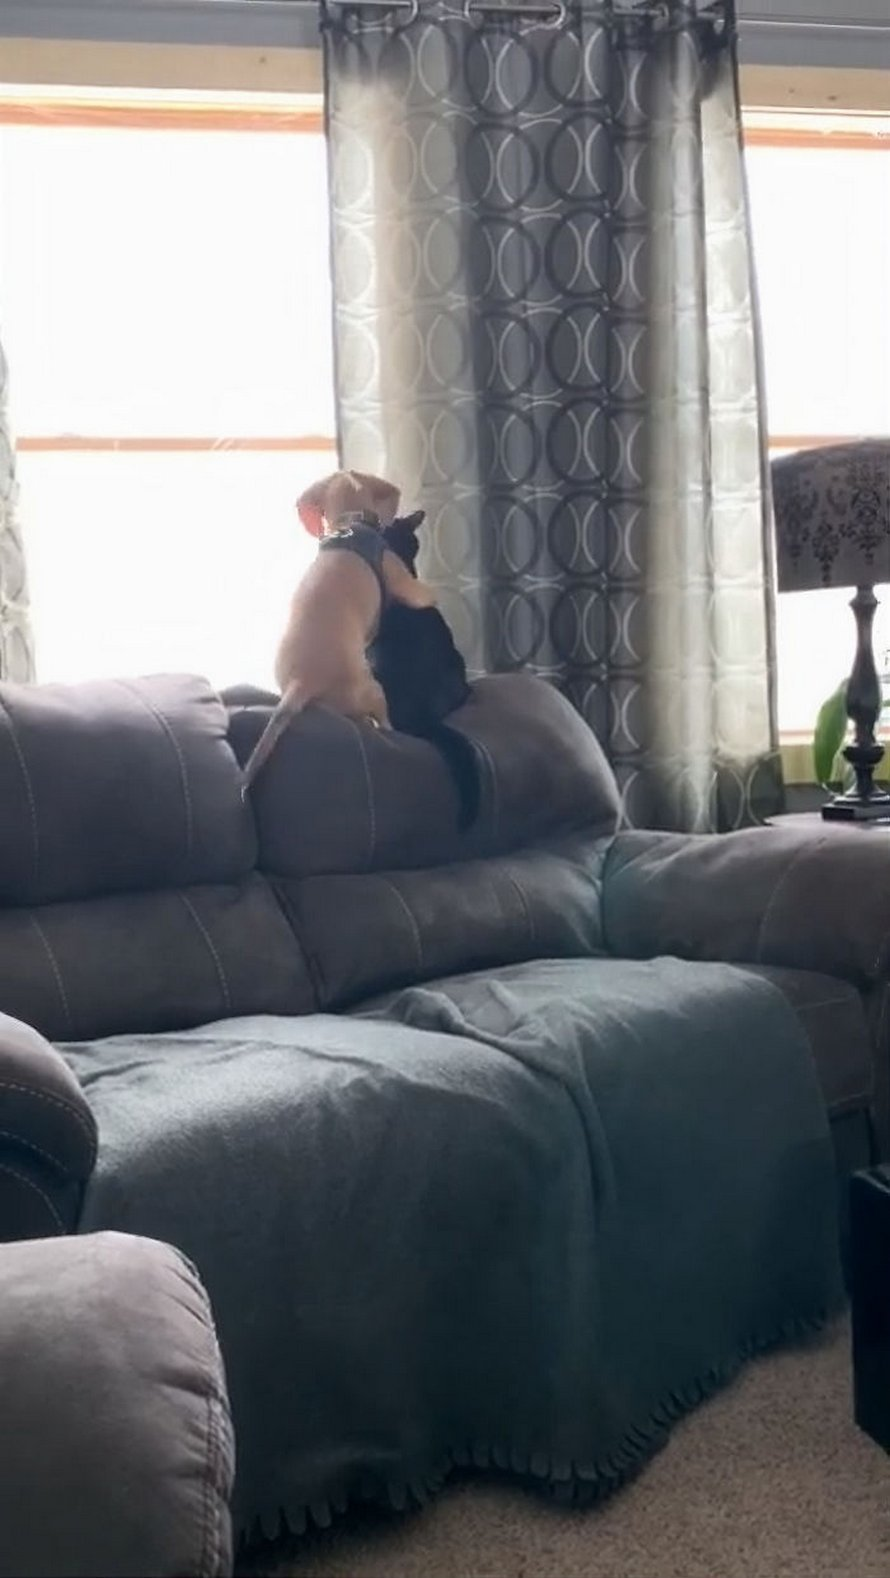 Cette vidéo virale montre le moment adorable où un chiot fait un câlin à un chaton